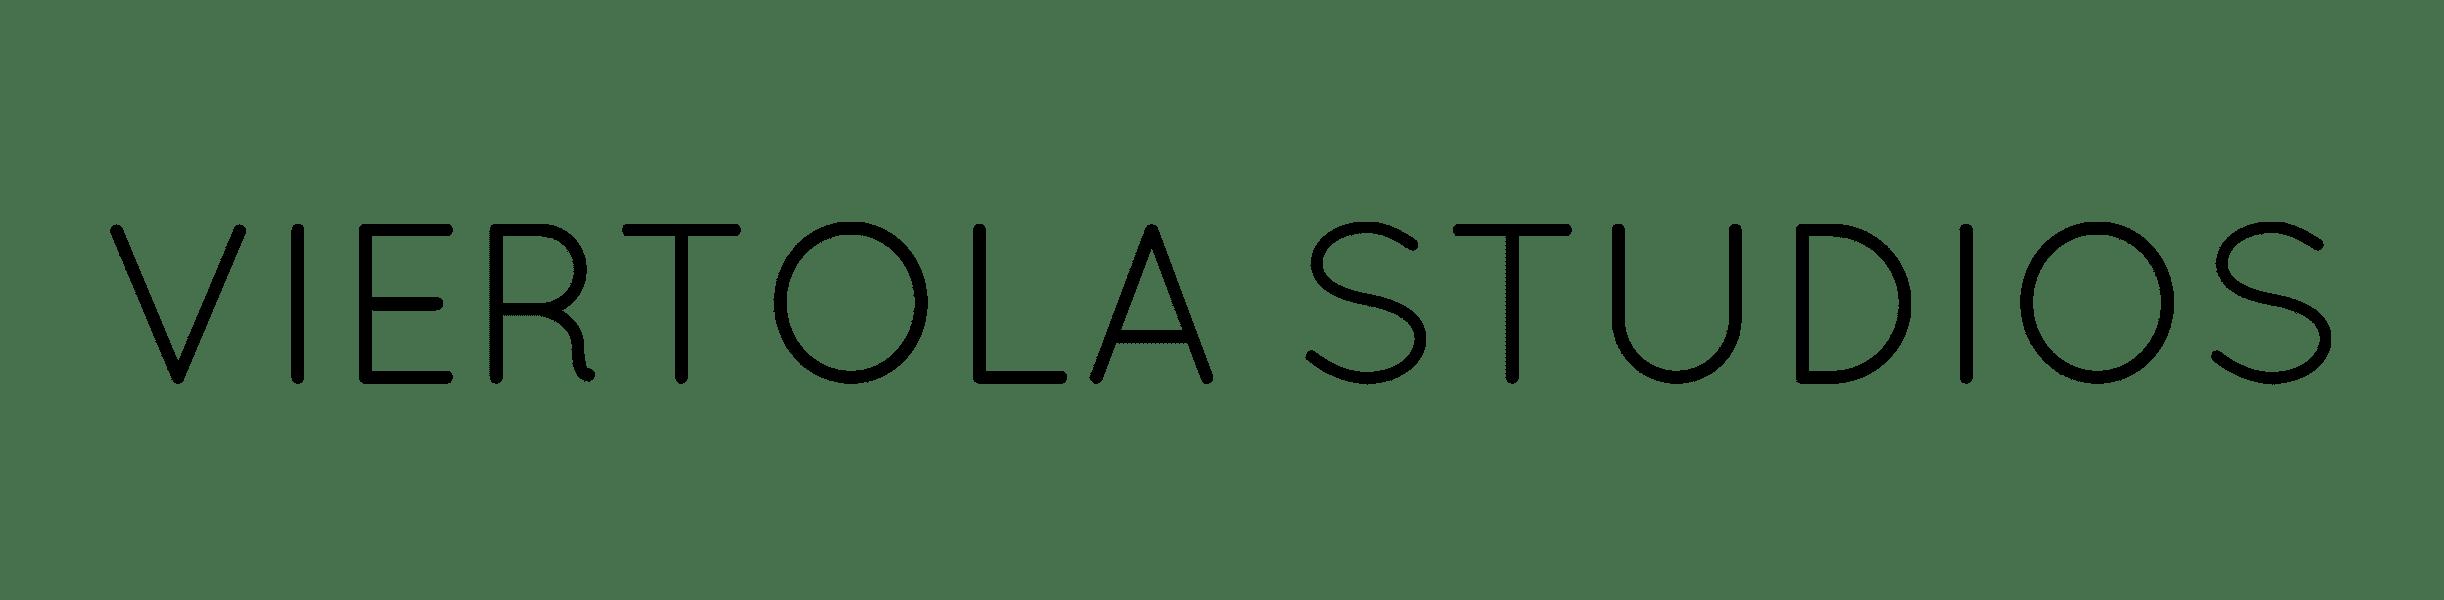 Vieratola Studios icon